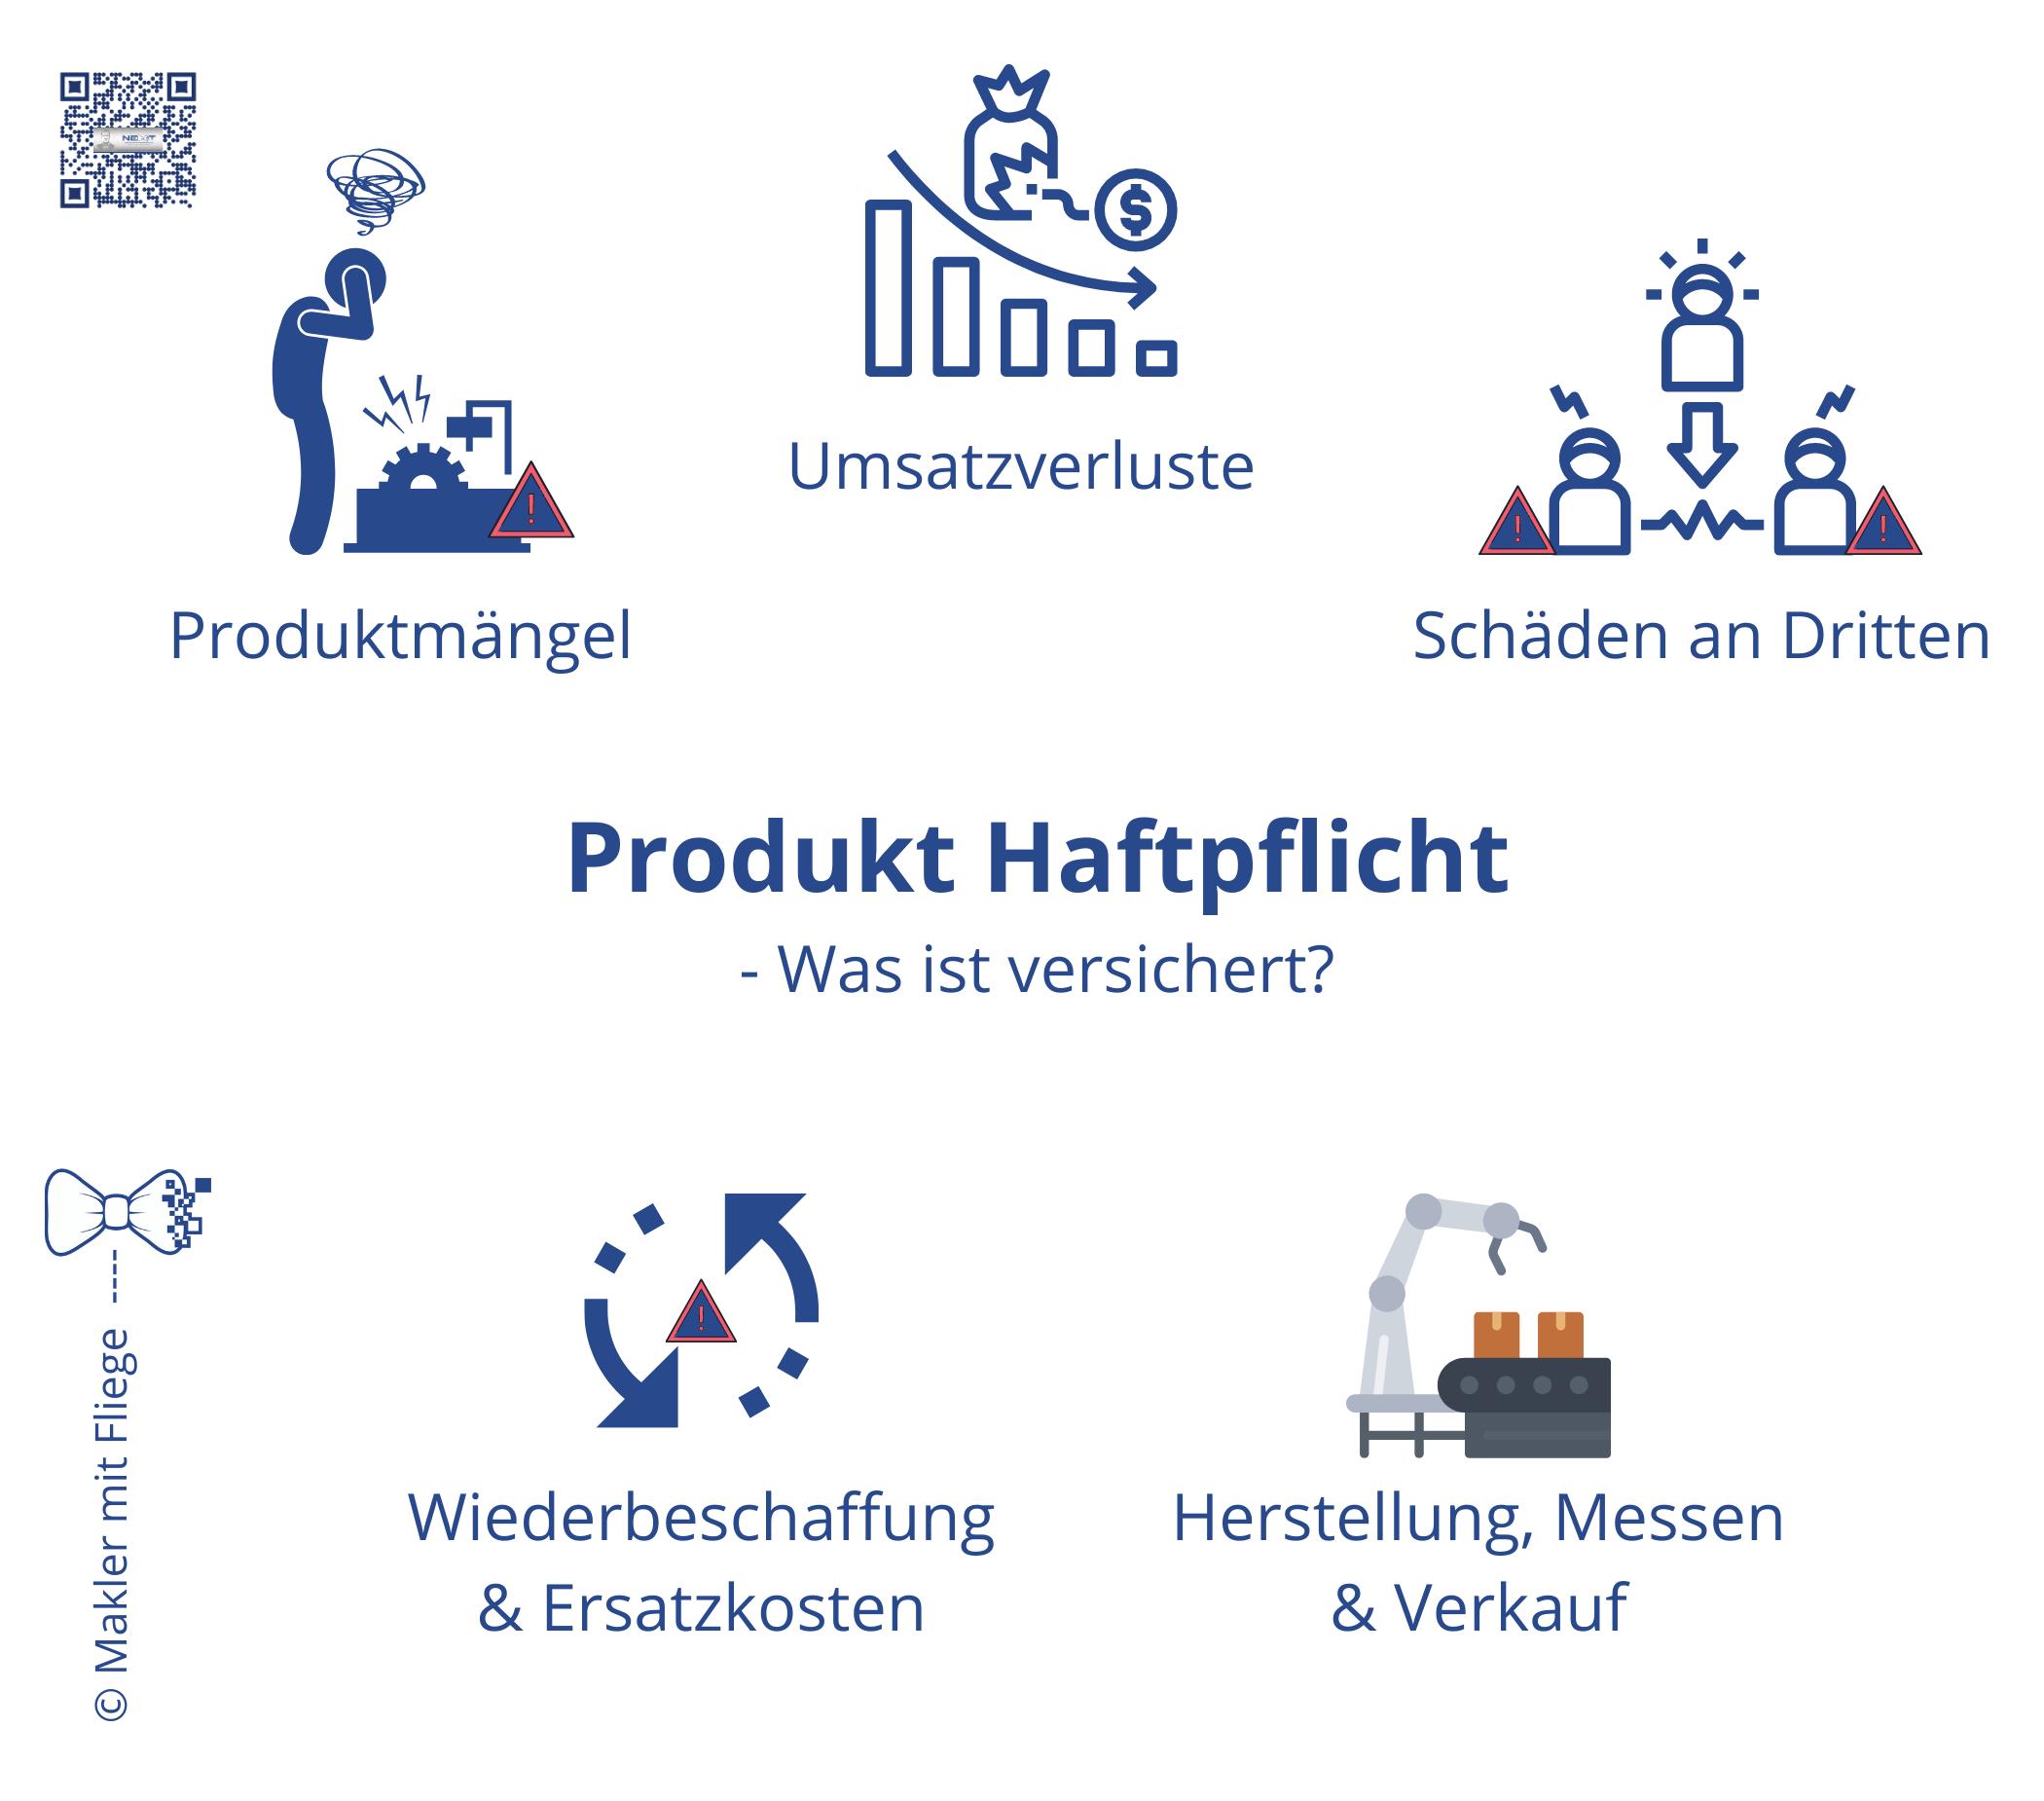 Schaubild für alle Online Shops, eCommerce und Produkthersteller, wie auch alle Händler auf KMU Level.